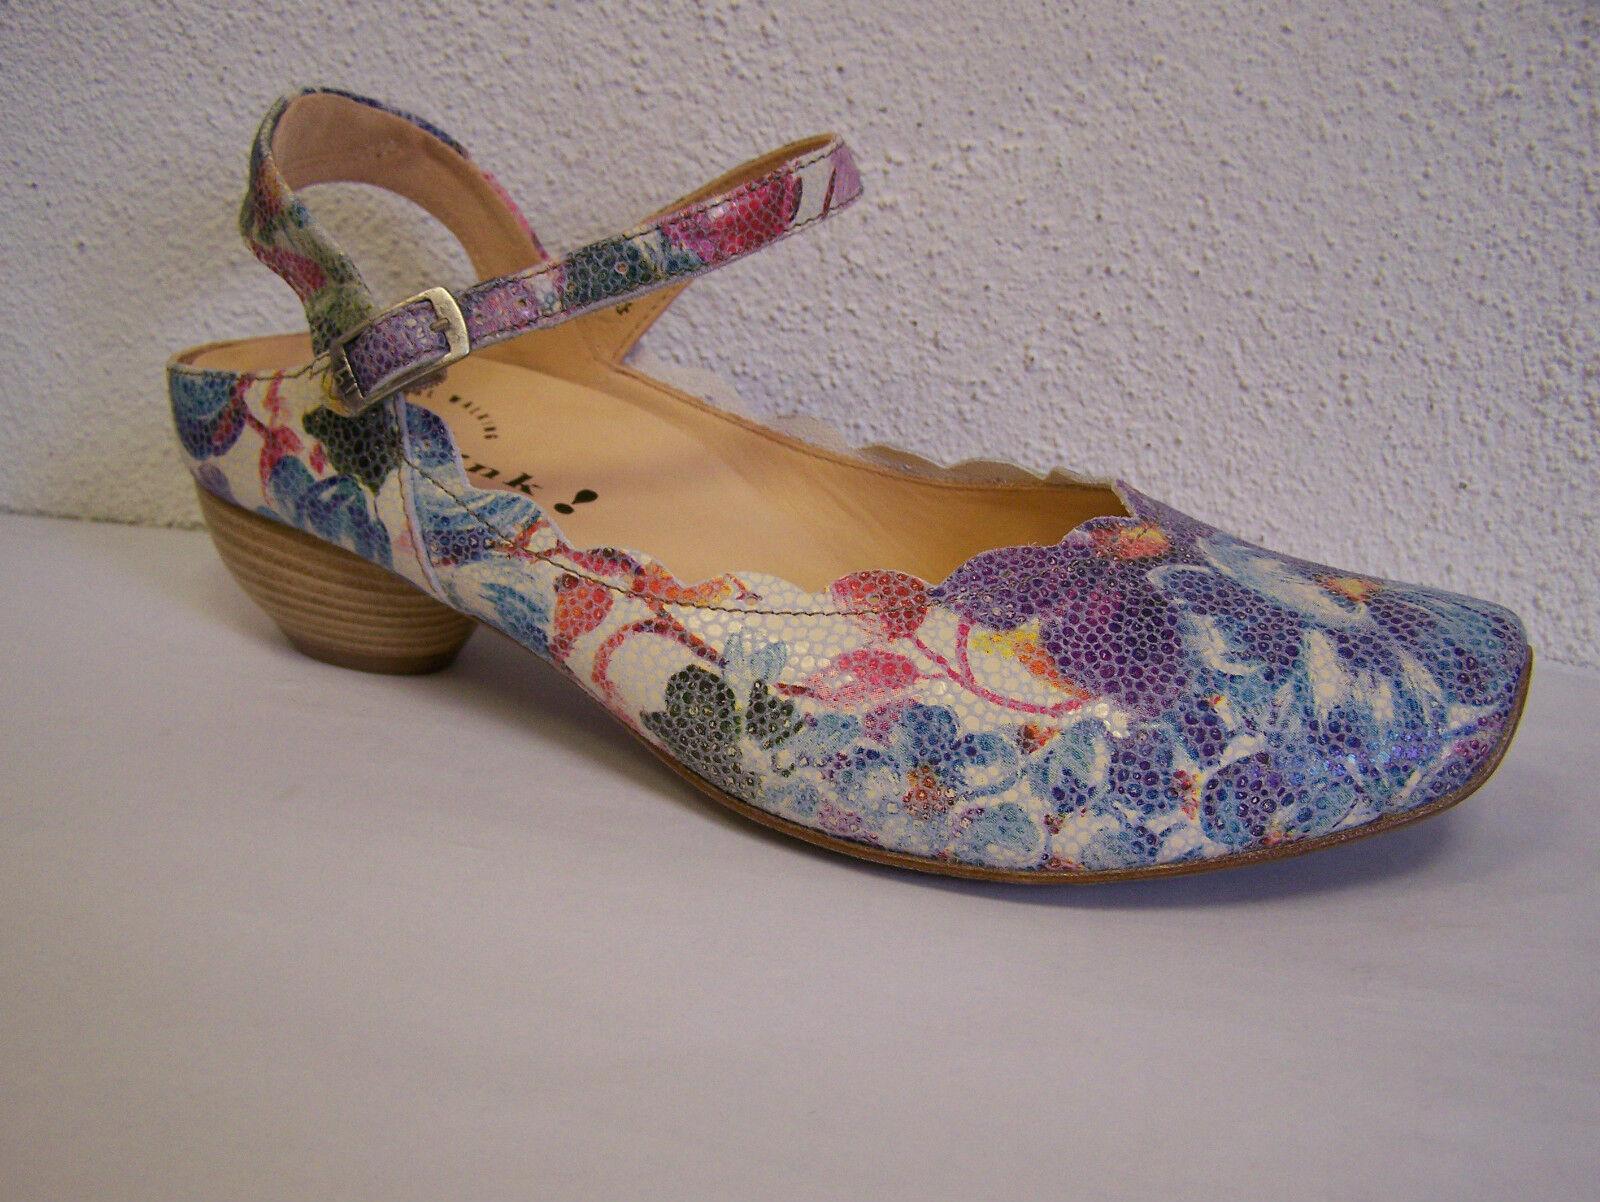 Los zapatos más populares para hombres y mujeres Think! zapato modelo aida Bianco/multi con blumenprint incl. think bolsa de papel